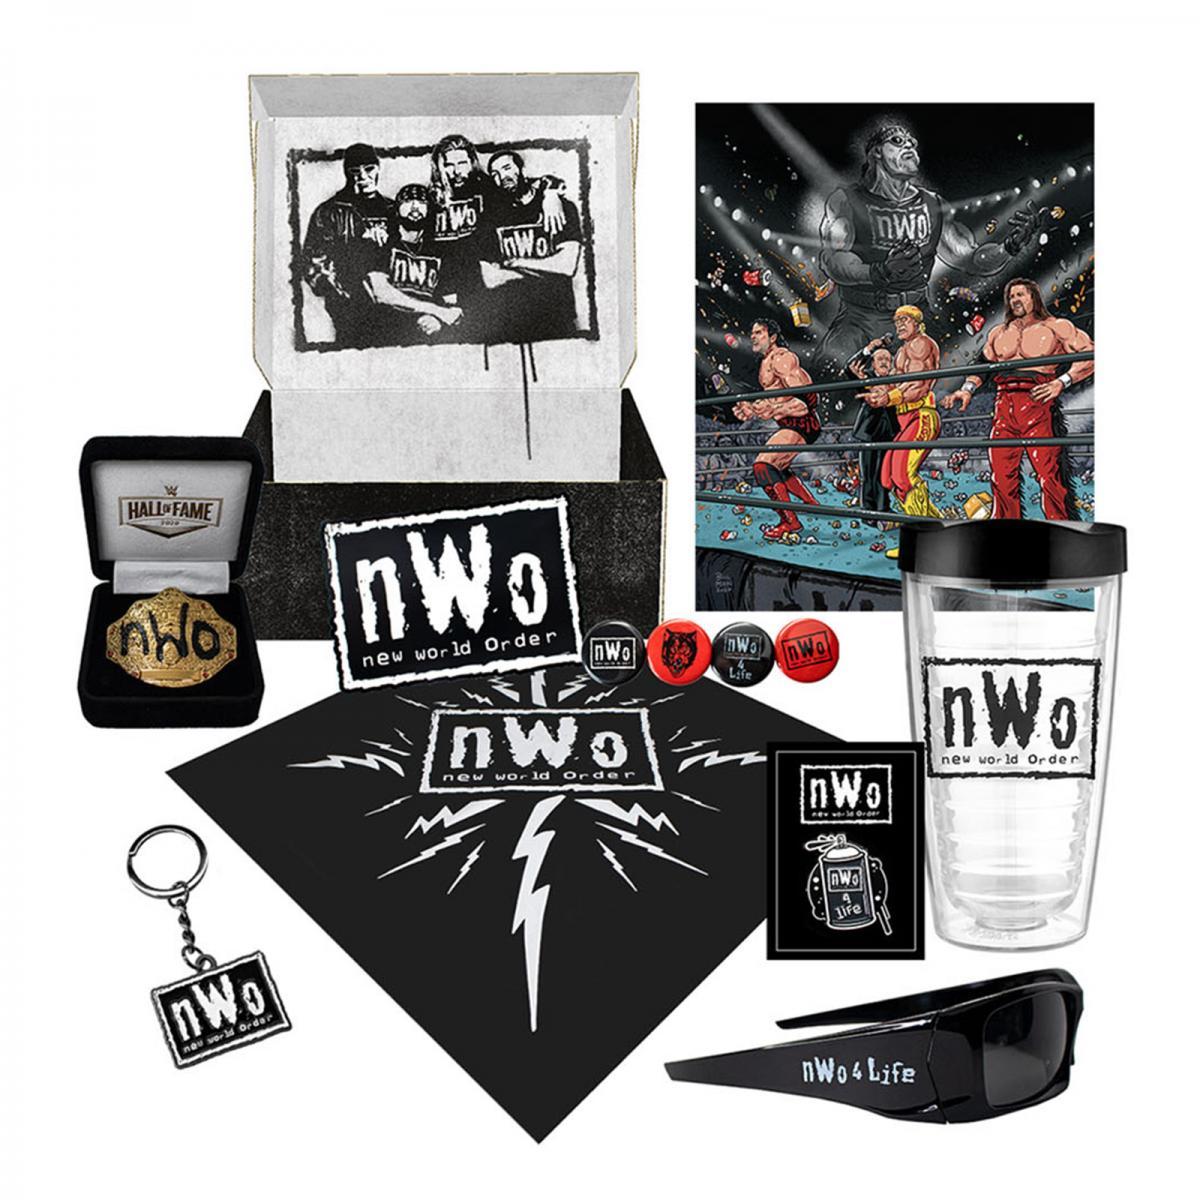 nWo de colección / WWE Shop